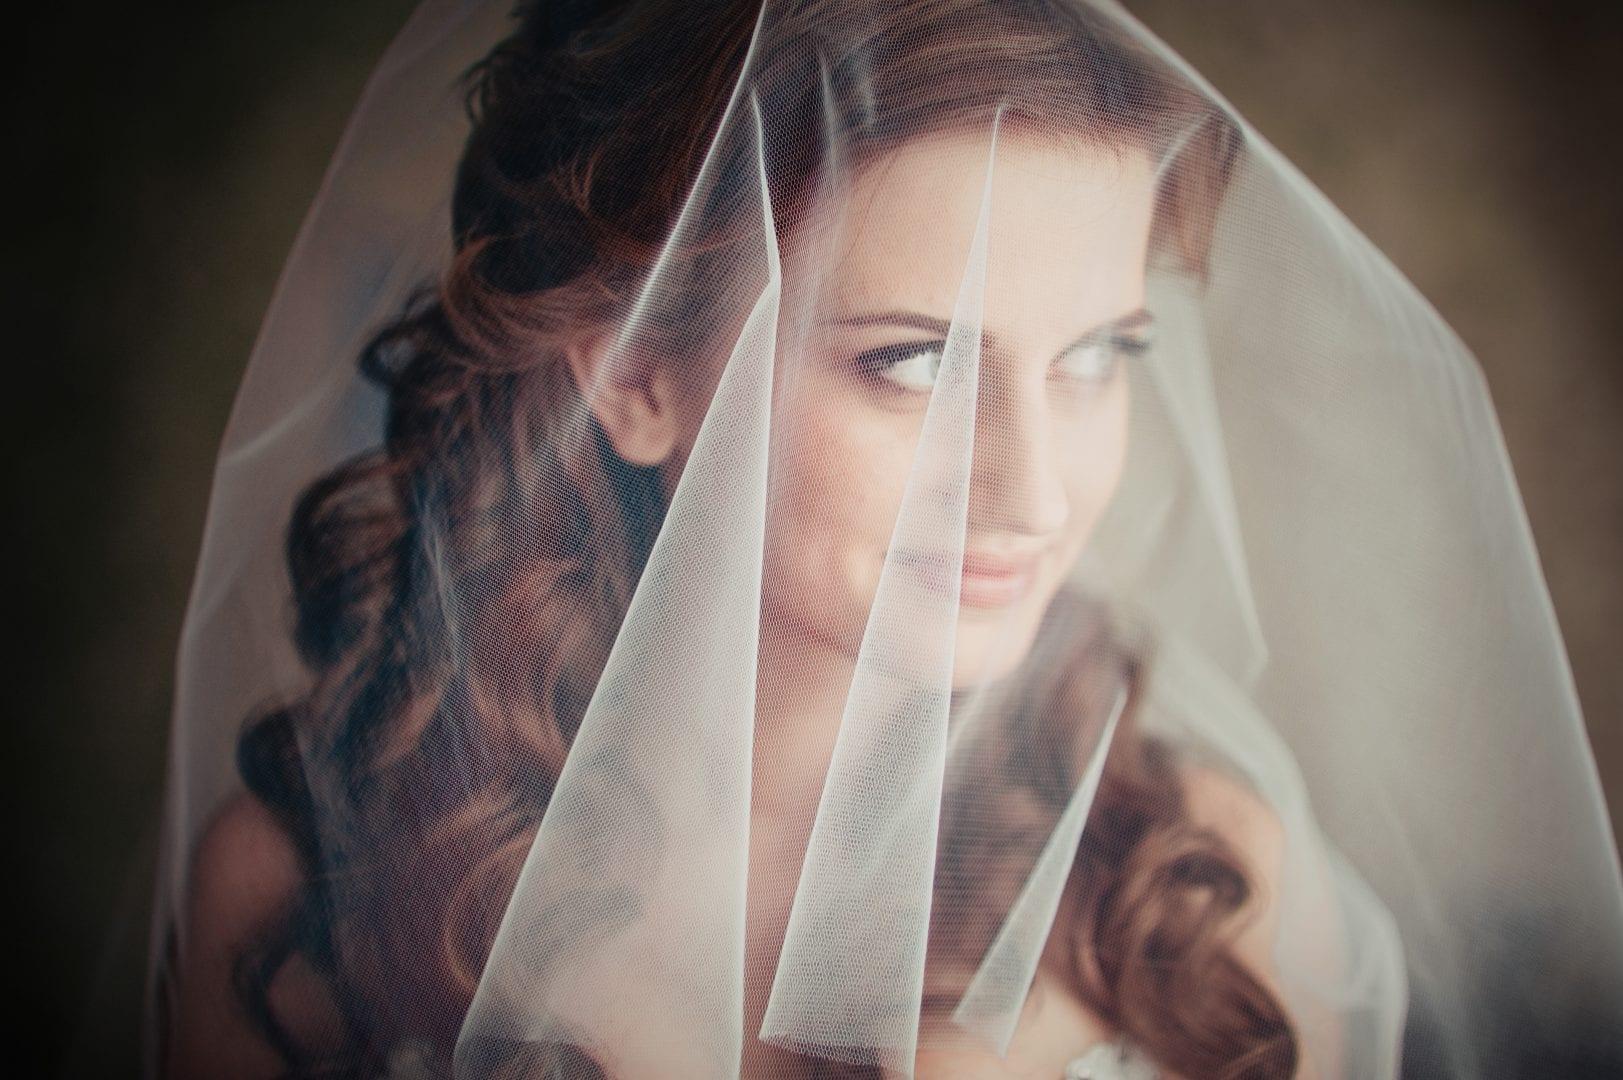 Véu de noiva - Origem, significado, tipos e como escolher o ideal